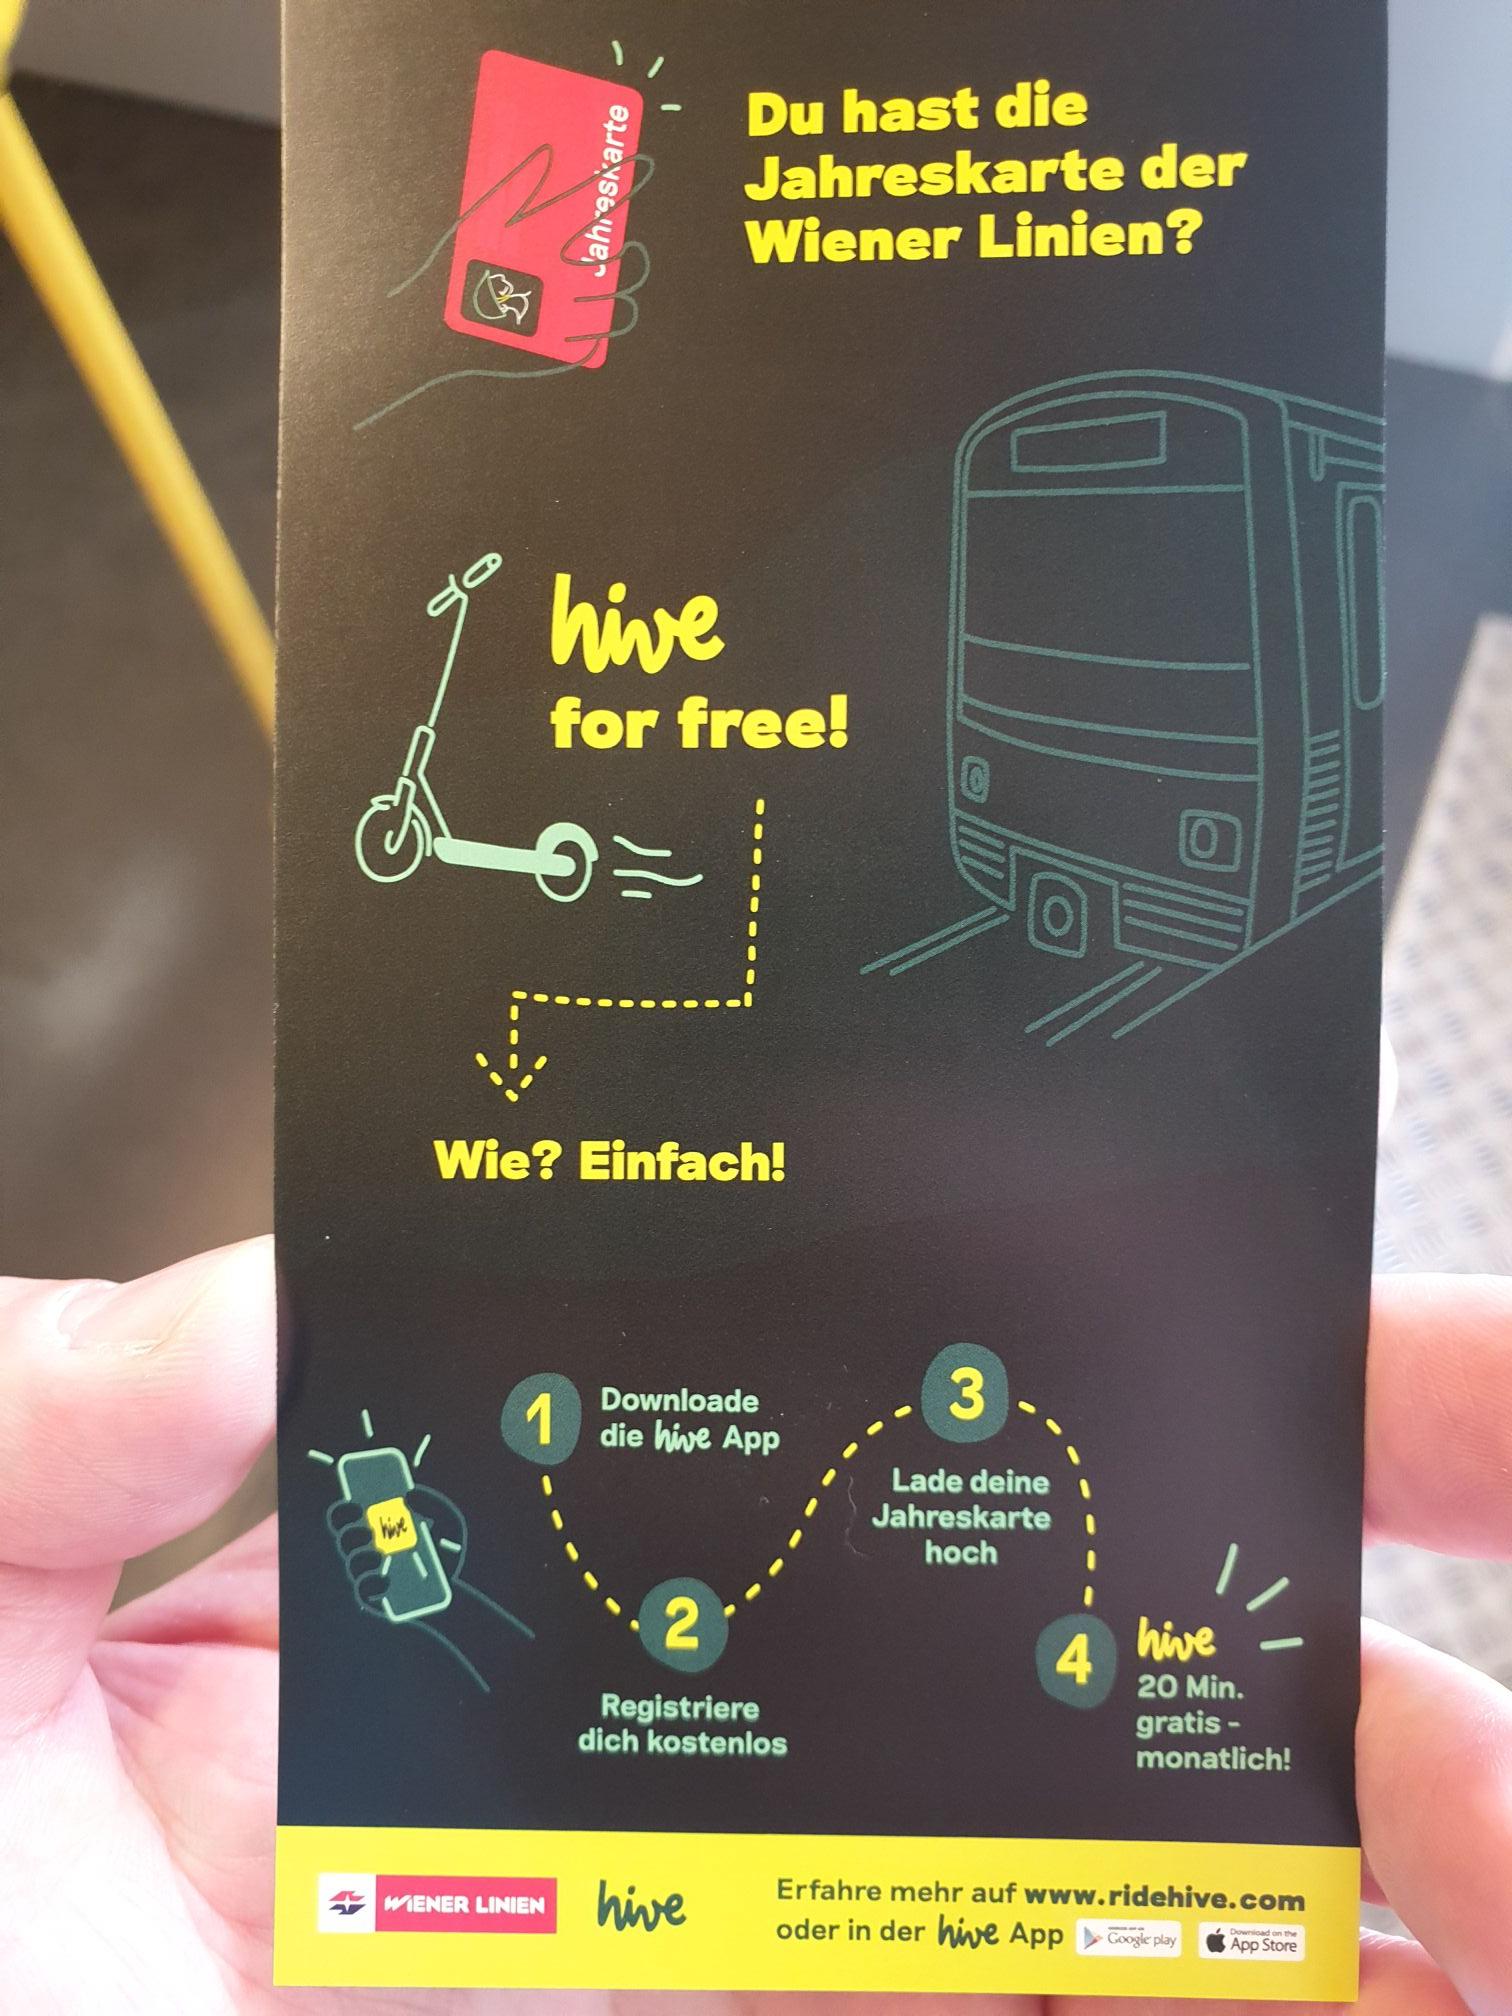 hive 20 Min. pro Monat kostenlos mit Wiener Linien Jahreskarte oder Studenten